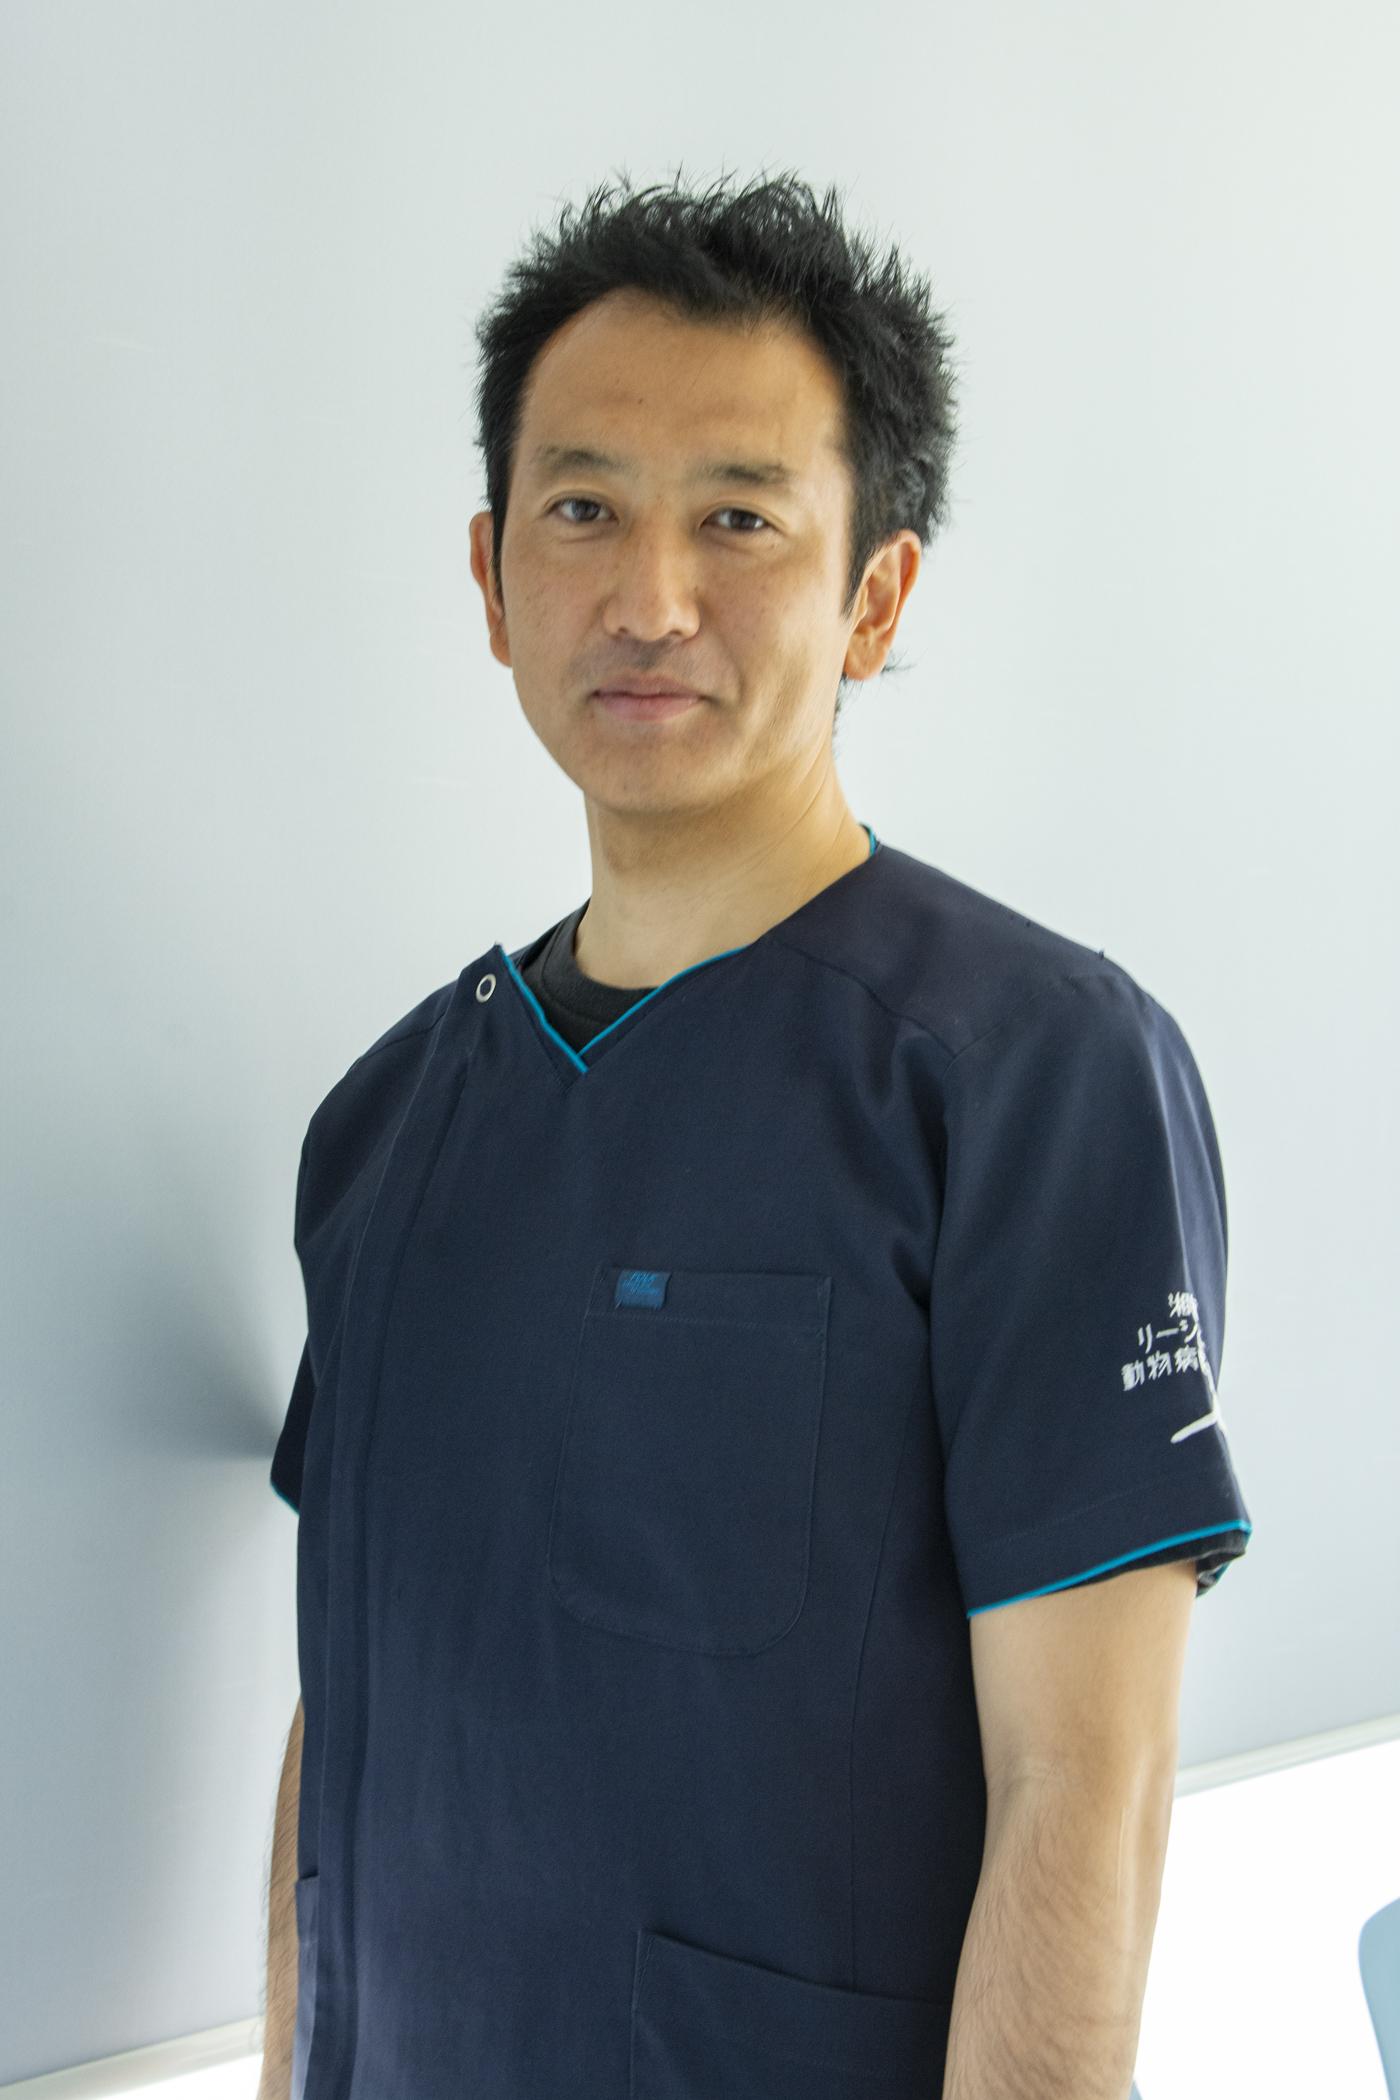 腫瘍認定医によるガン治療